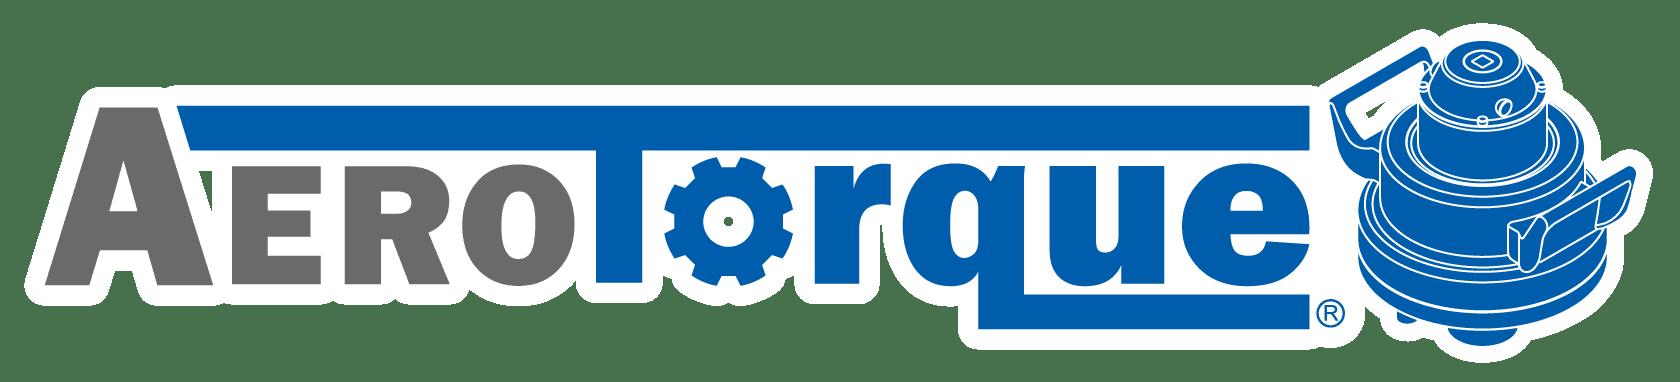 AeroTorque Logo